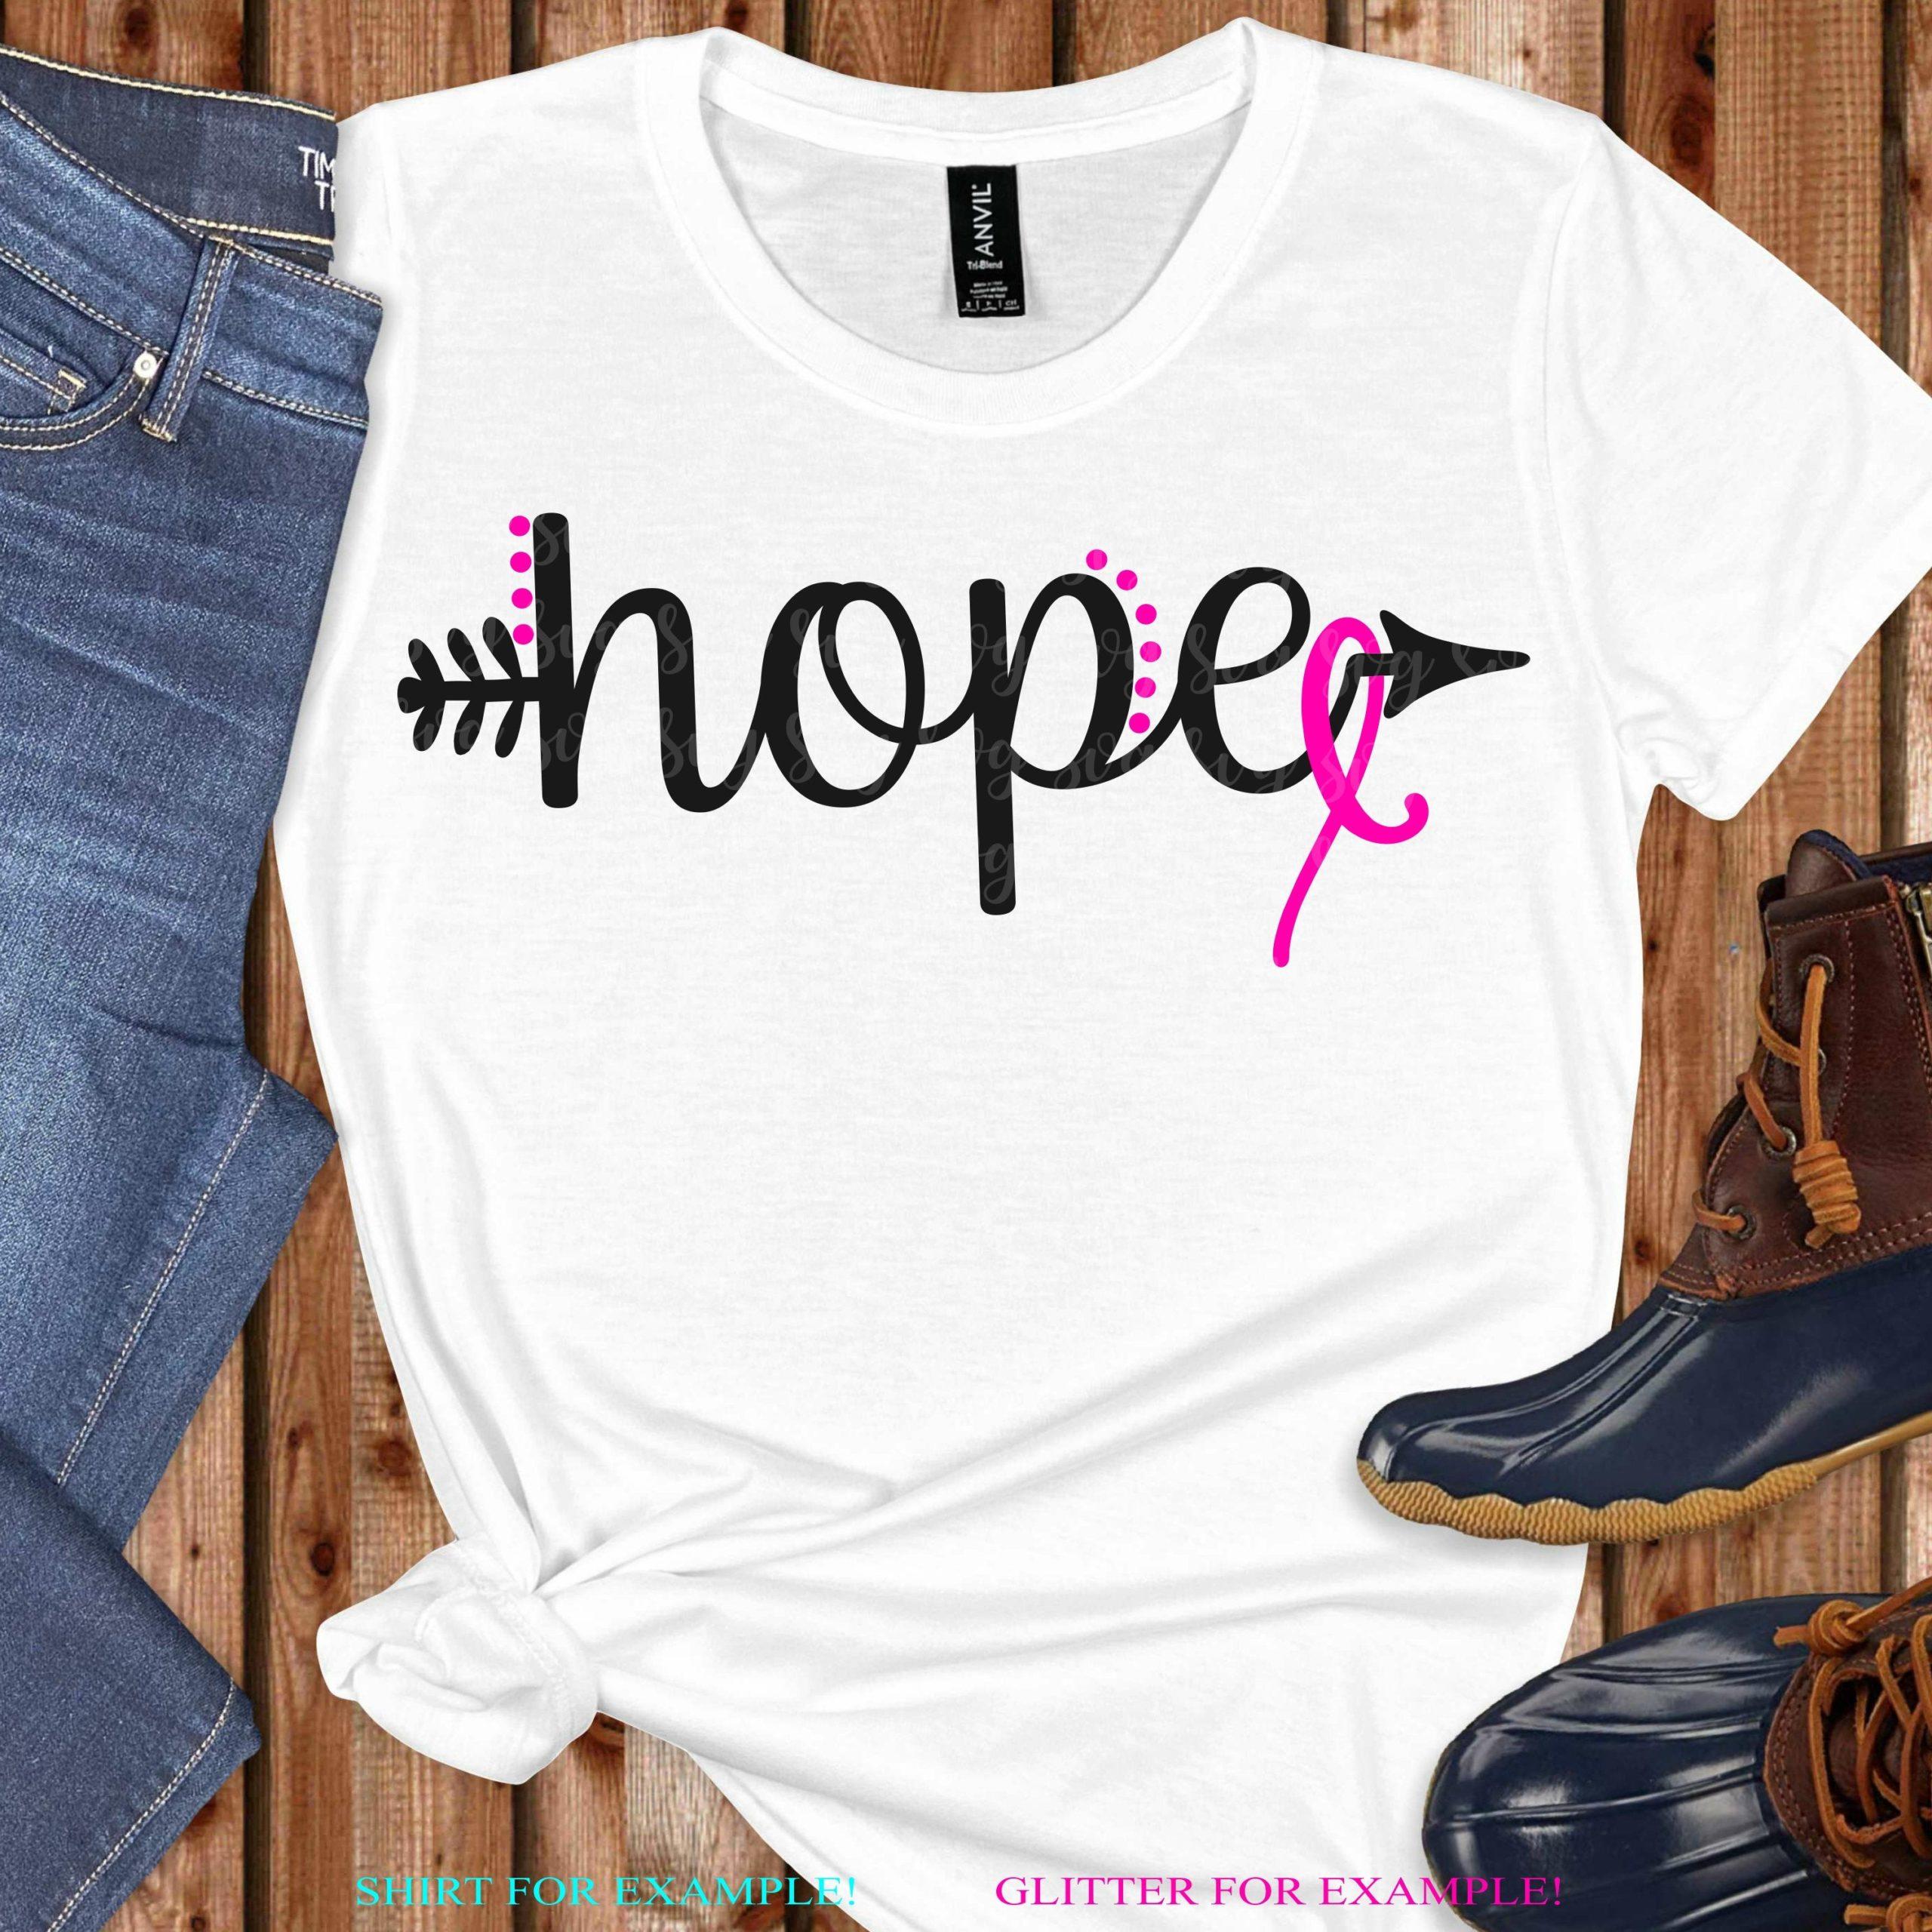 Hope-svg-hope-cancer-svg-awareness-svgcancer-svg-cancer-ribbon-svg-tshirt-svg-cancer-survivor-svg-svg-for-cricut-silhouette-cut-file-5ef7922b